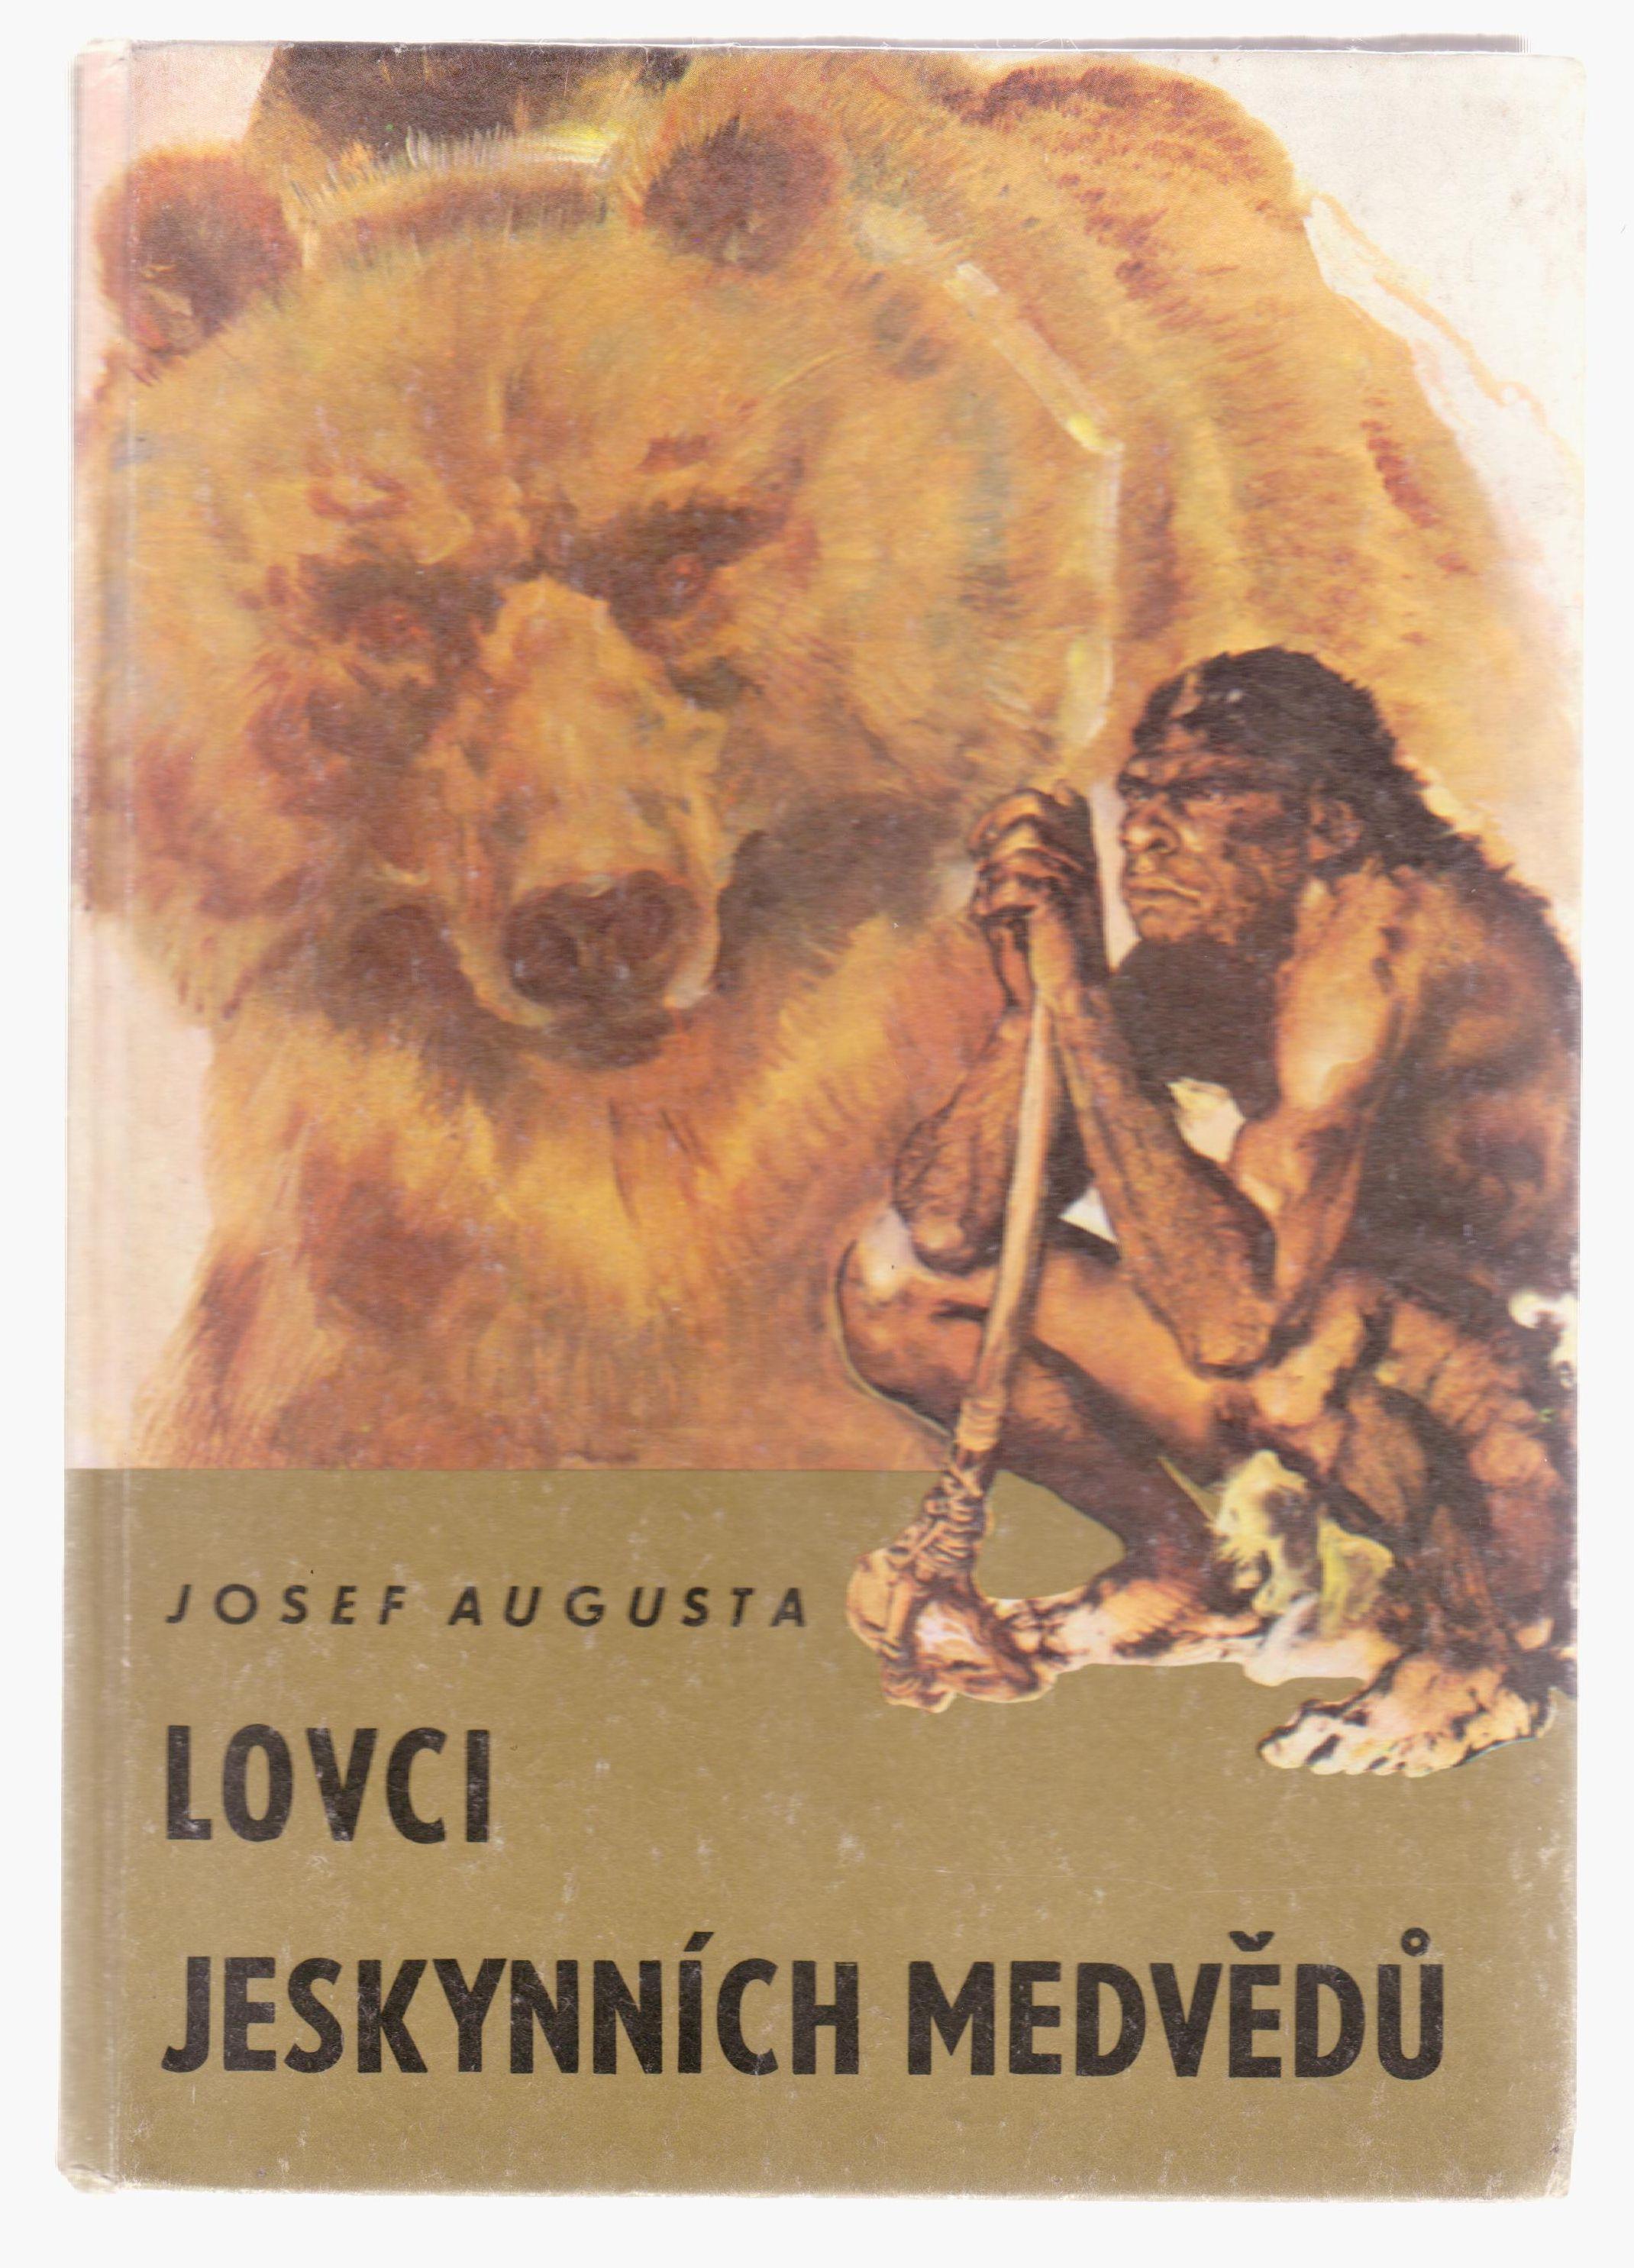 Lovci jeskynních medvědů - Josef Augusta